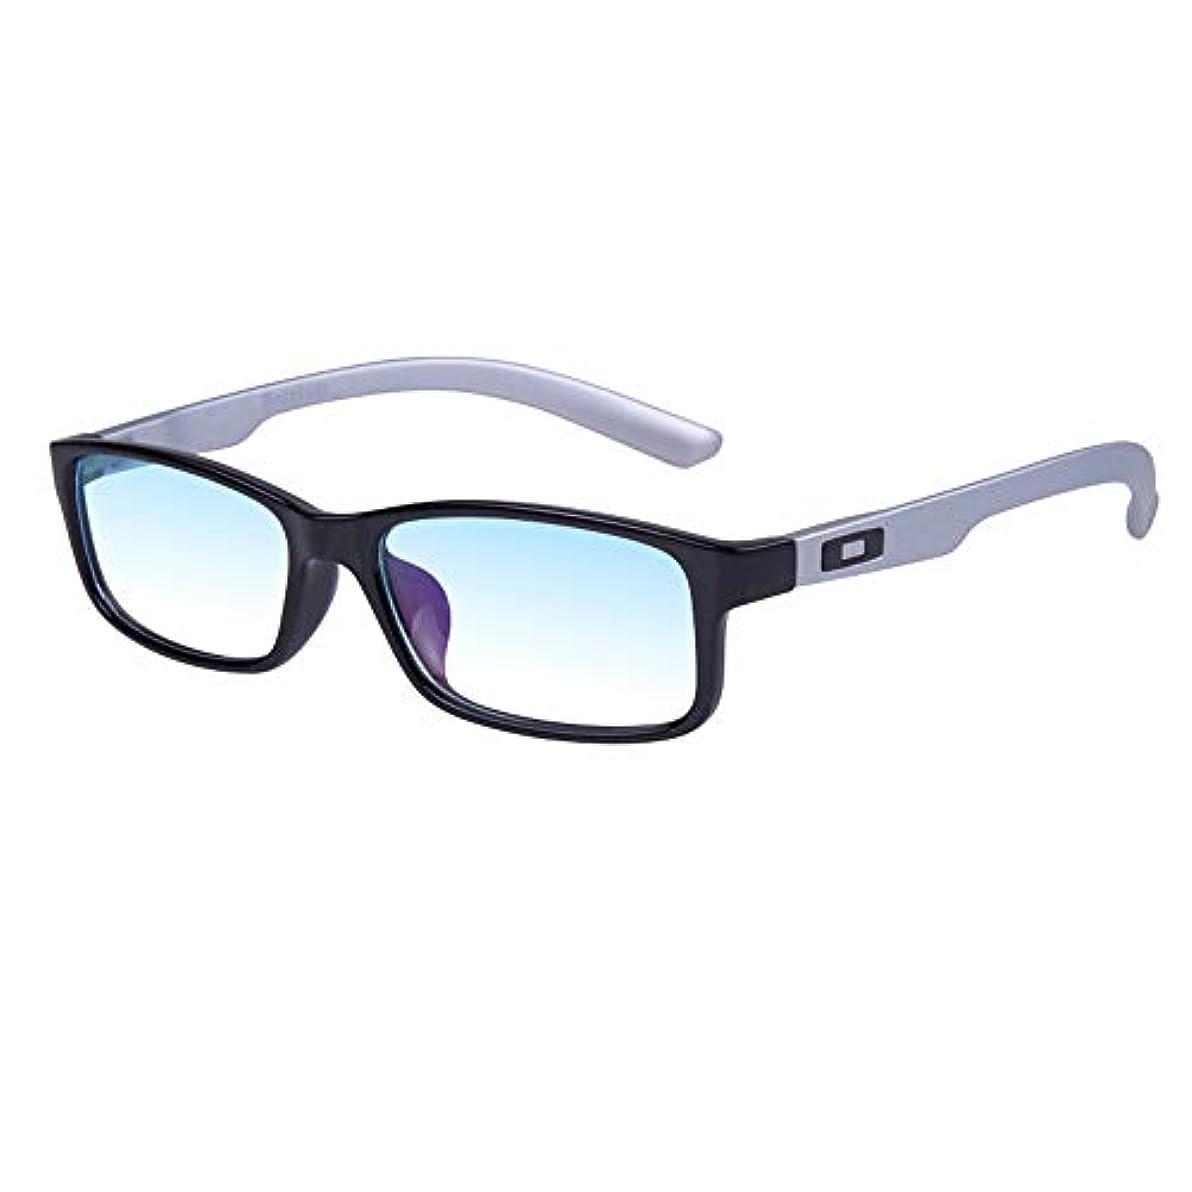 彼女は可愛い気づくなる長方形アンチブルー老眼鏡、快適でシンプルなコンピューター老眼鏡、男性用Hdメガネ、シルバー、ブラック